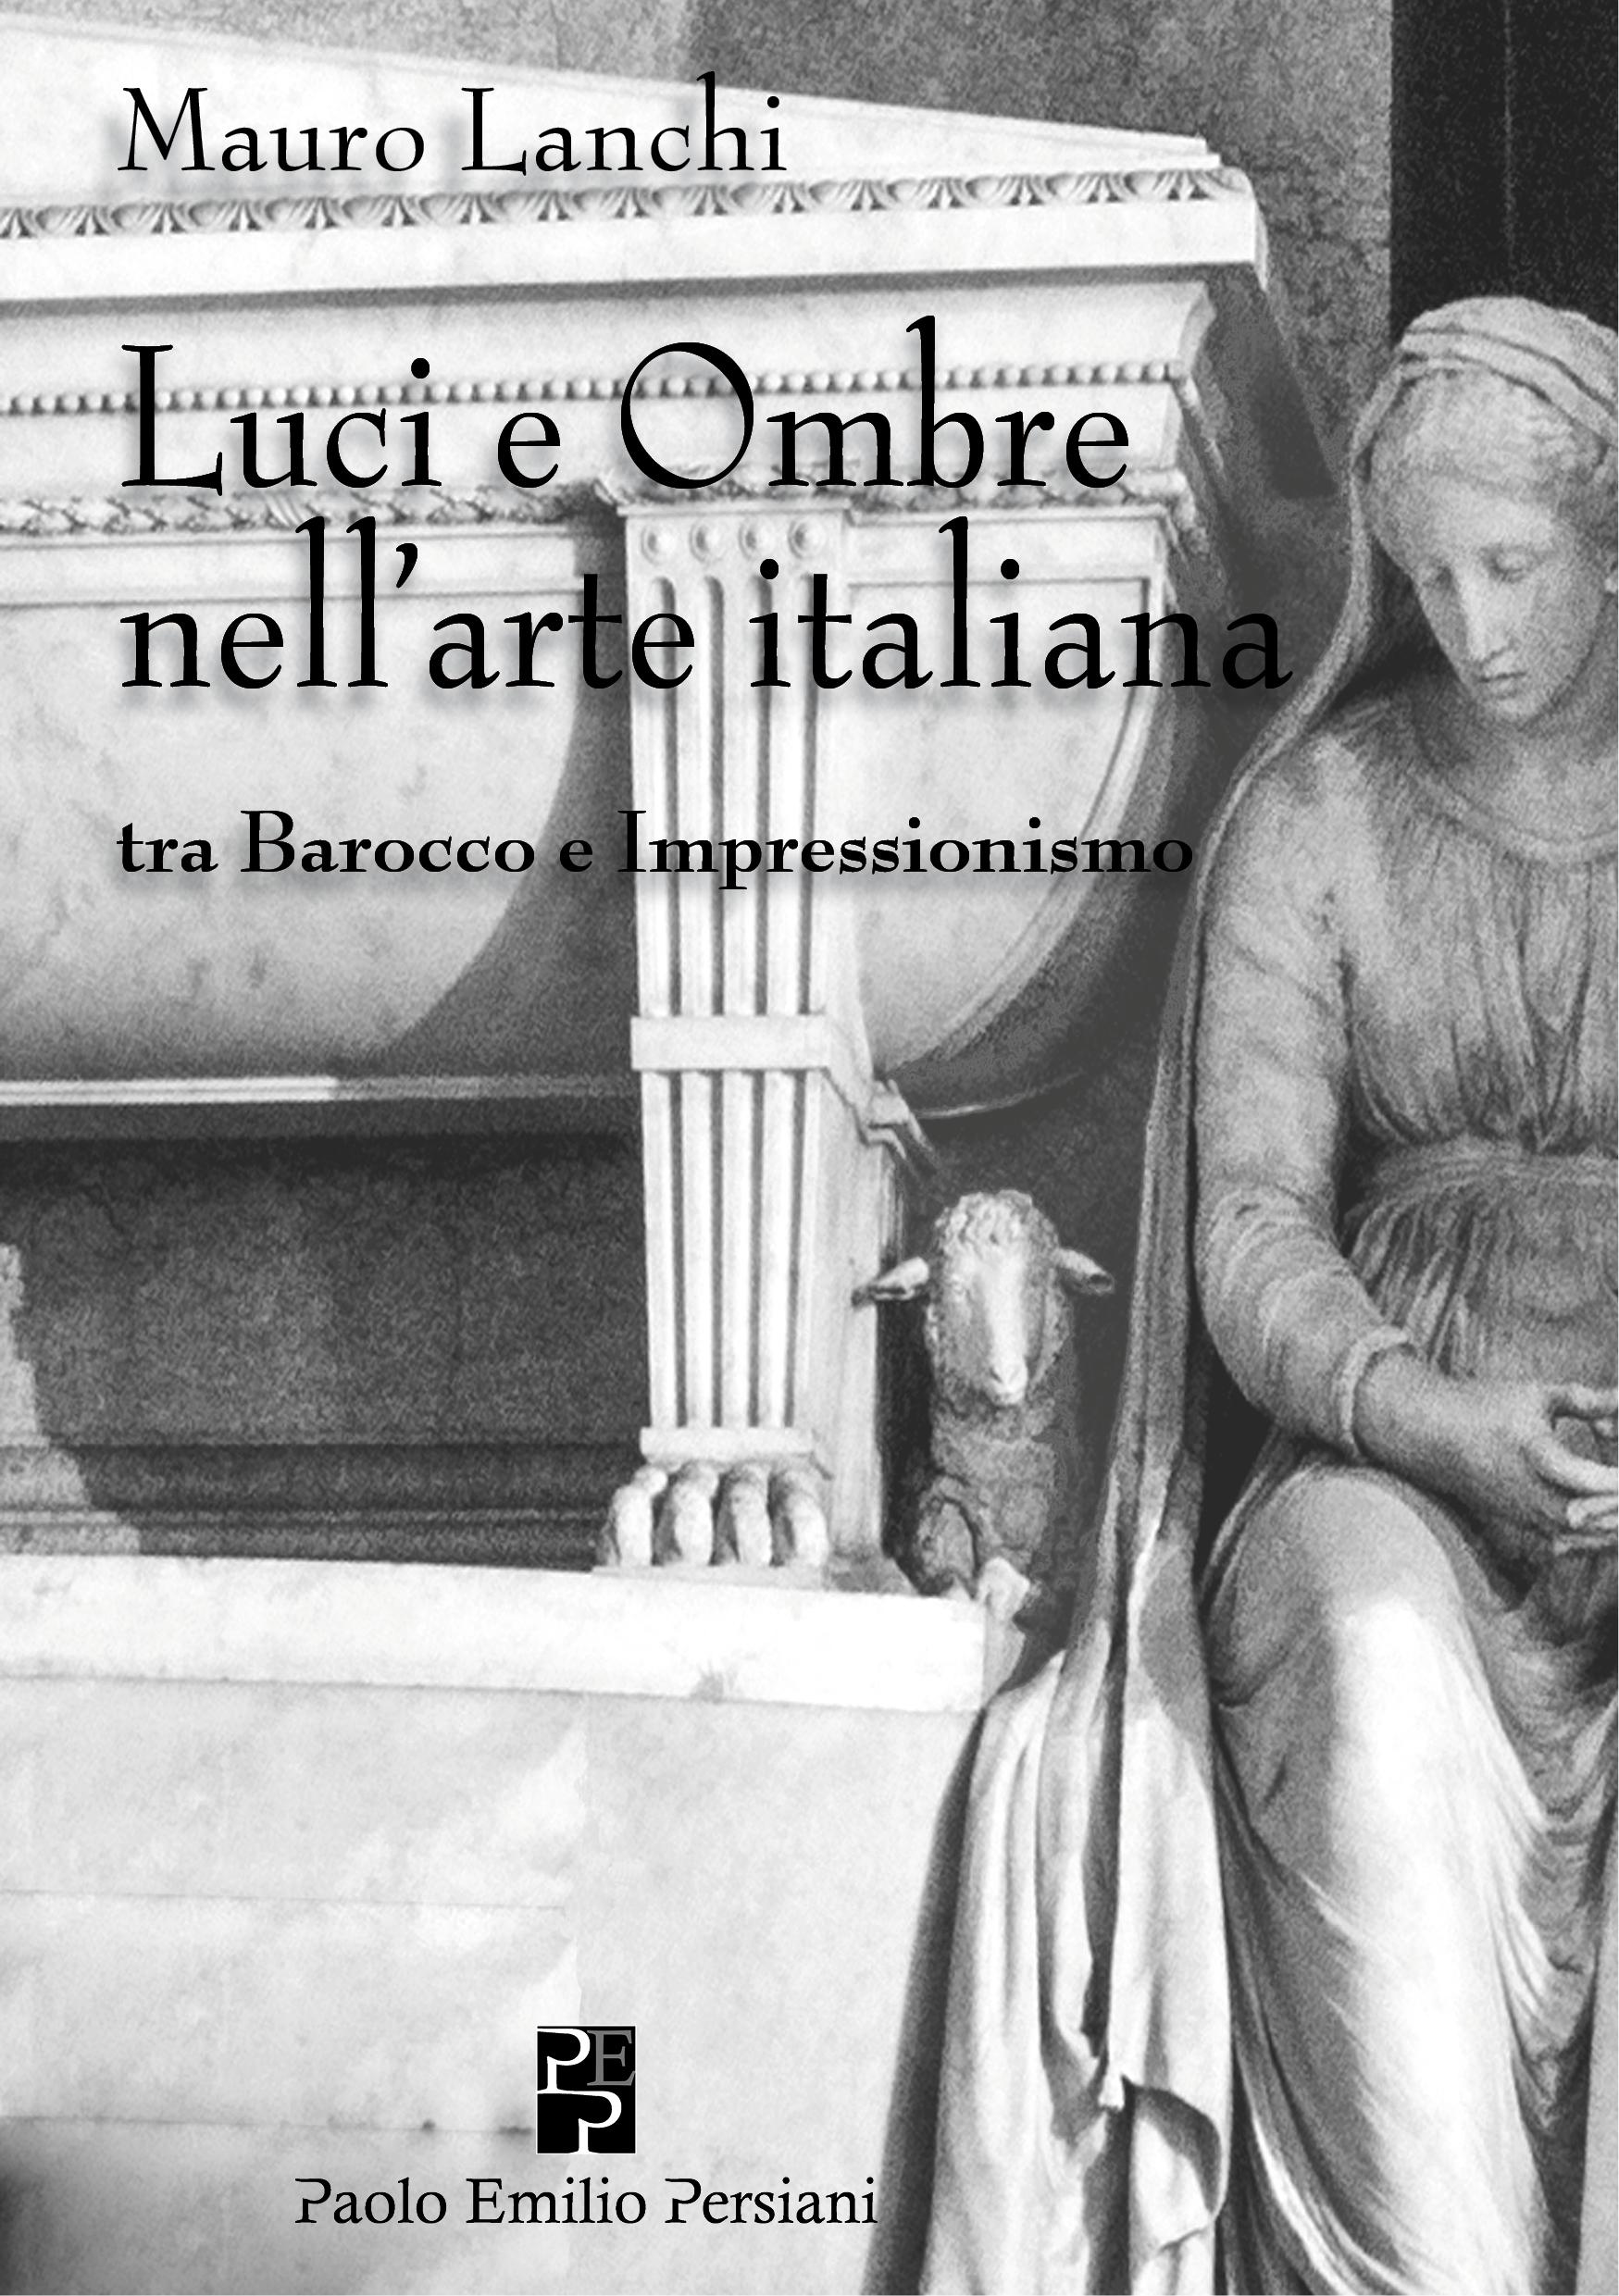 Luci e Ombre nell'arte italiana